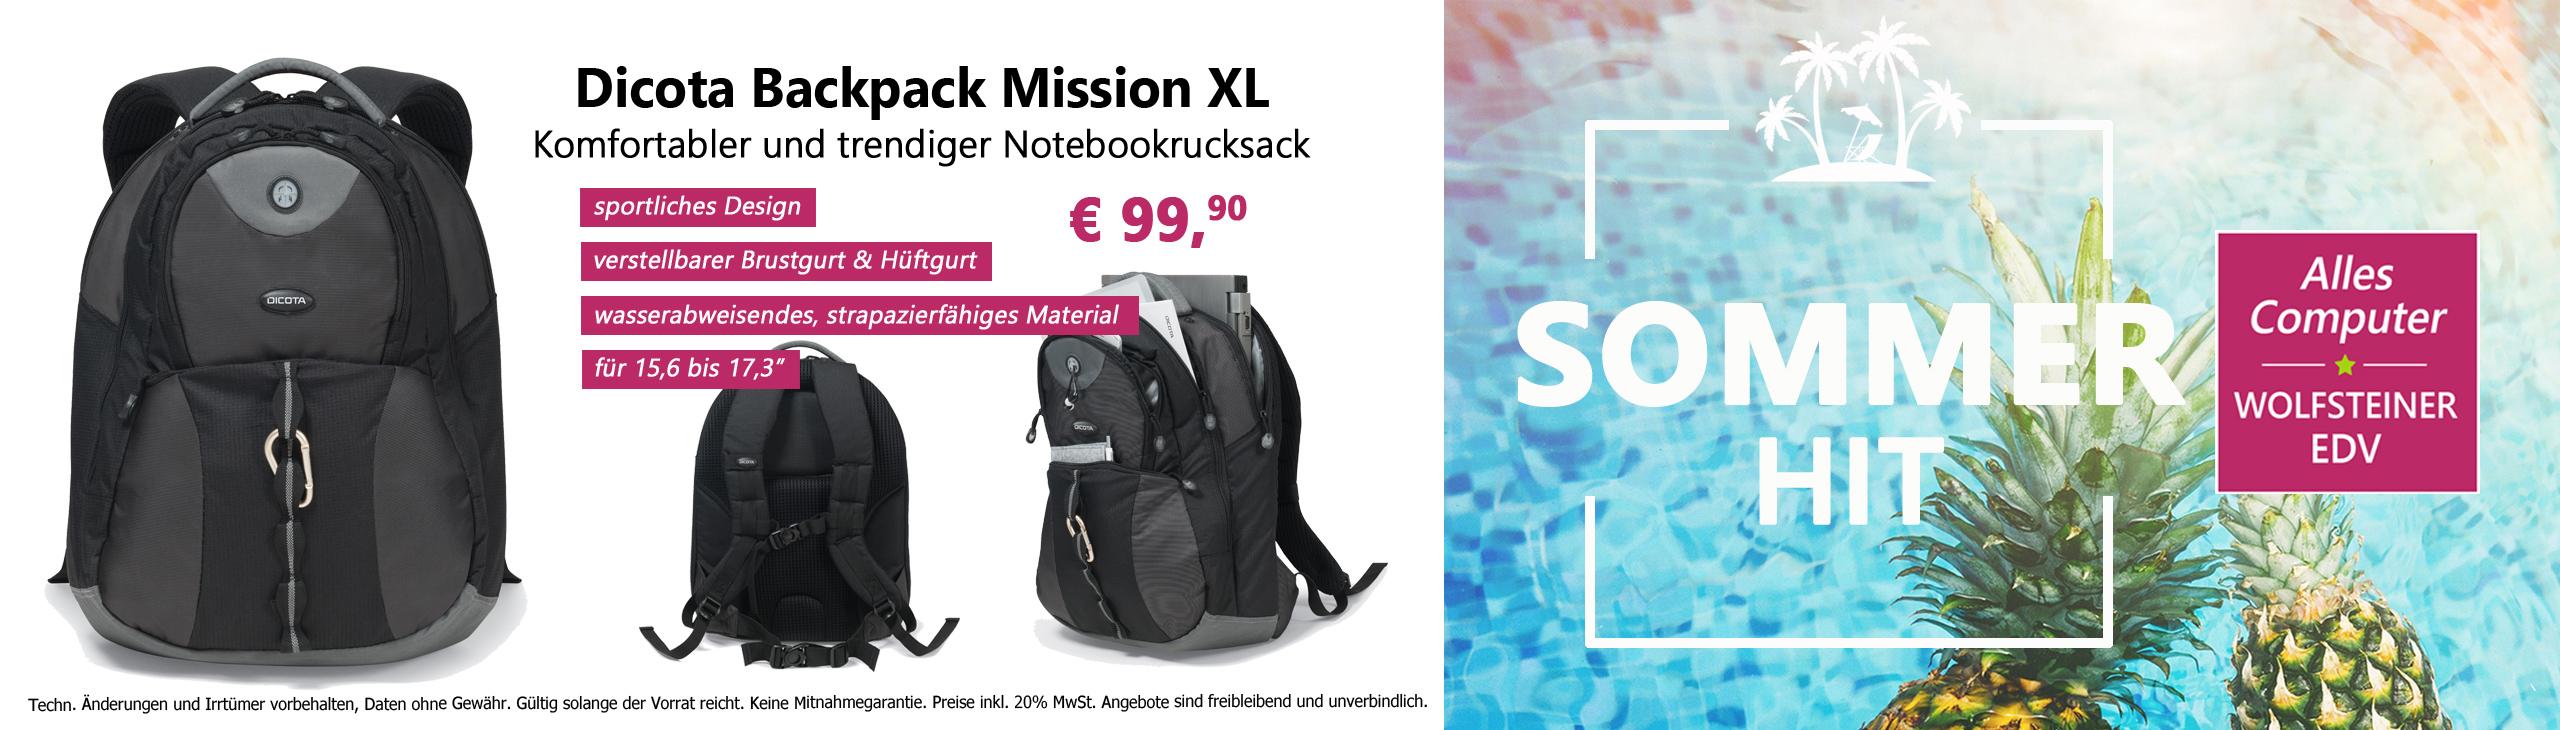 Banner Sommer Hit Notebook Rucksack